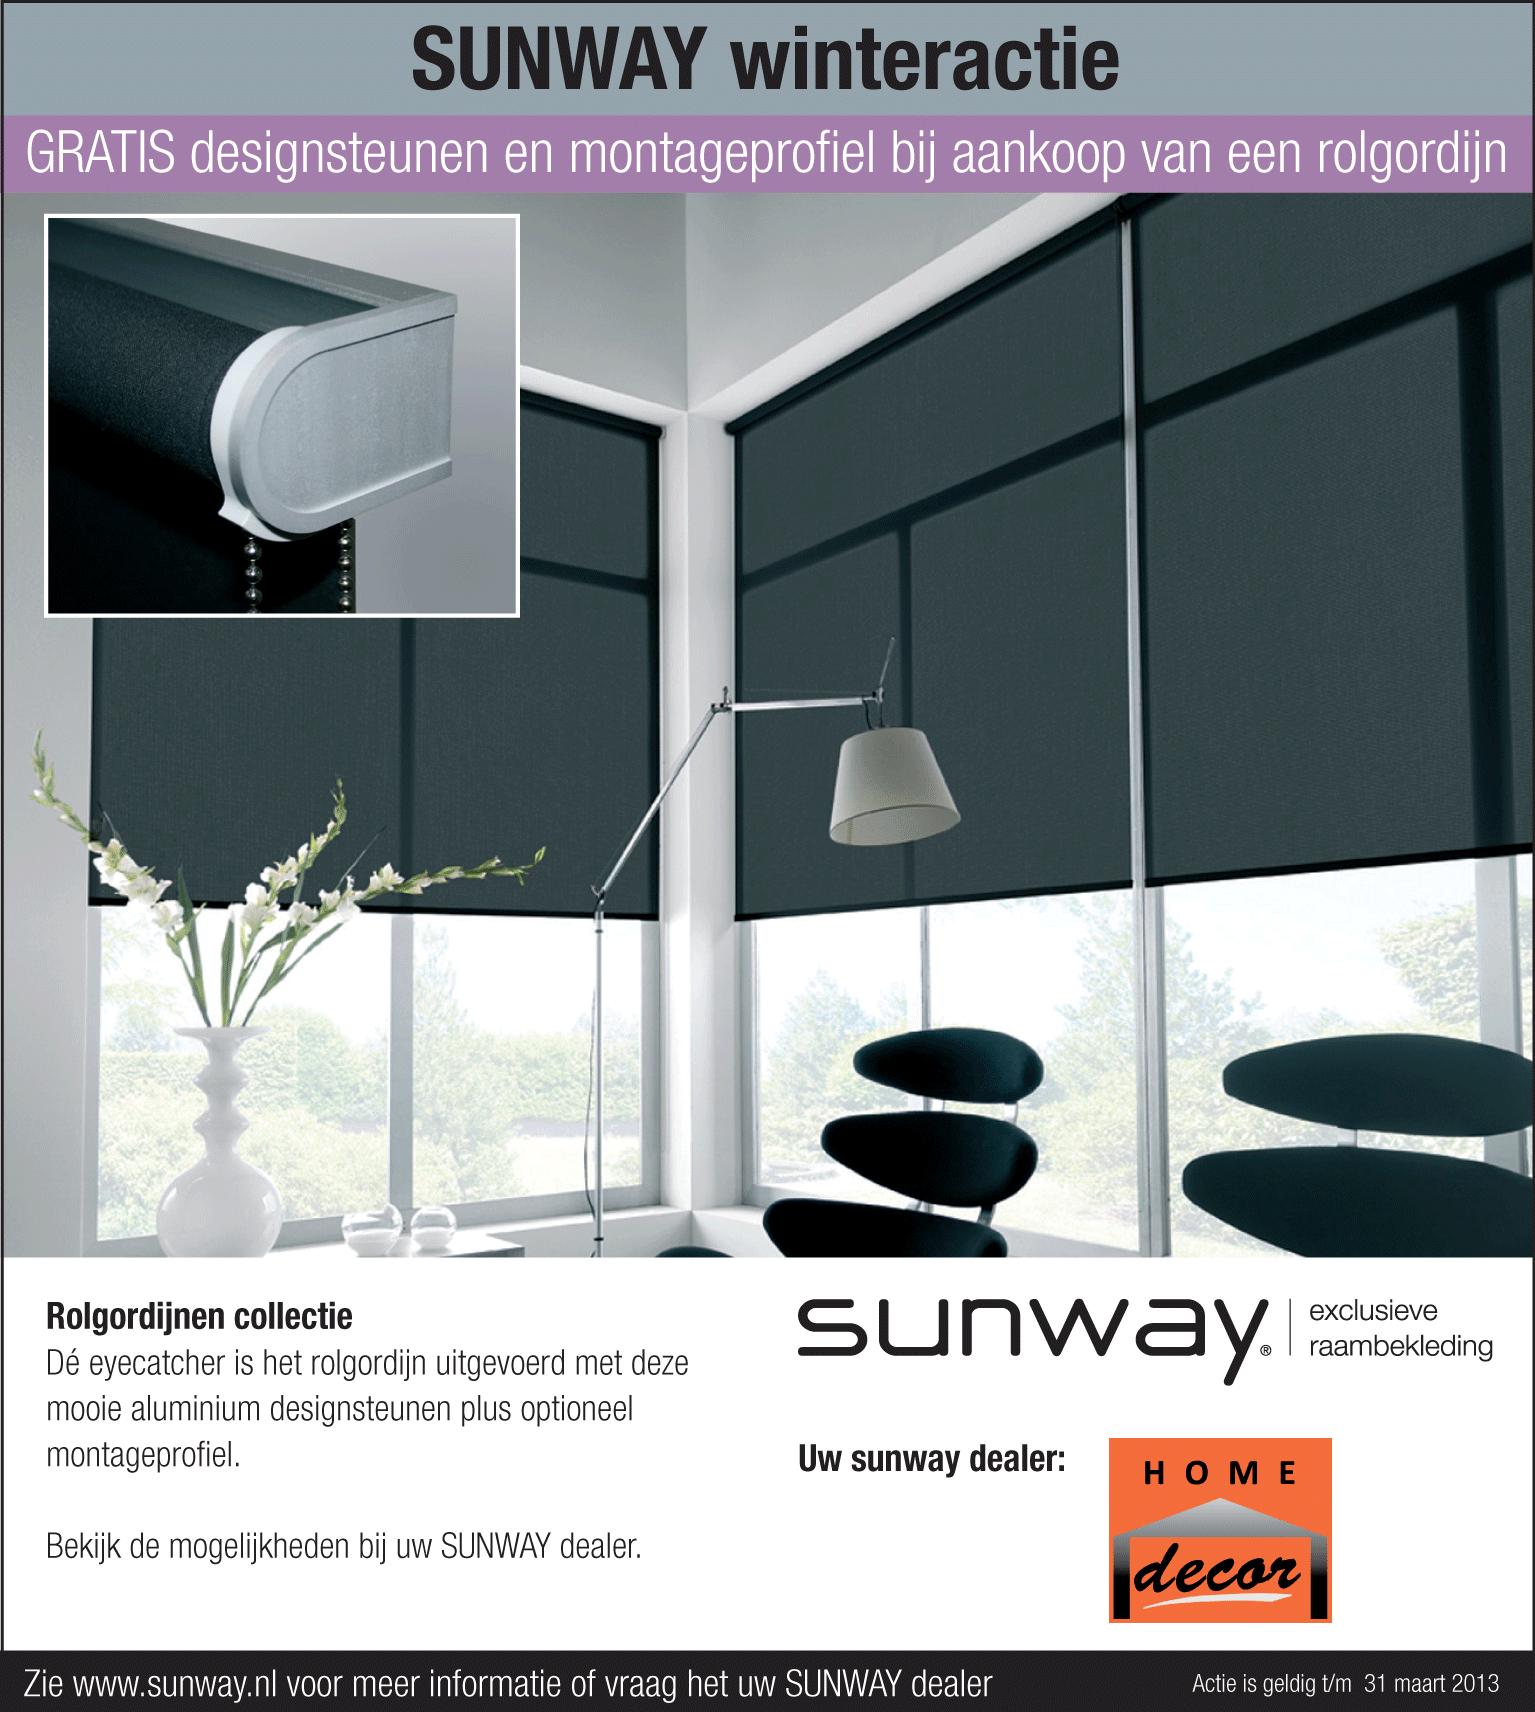 Gratis designsteunen bij aankoop van een rolgordijn van Sunway!